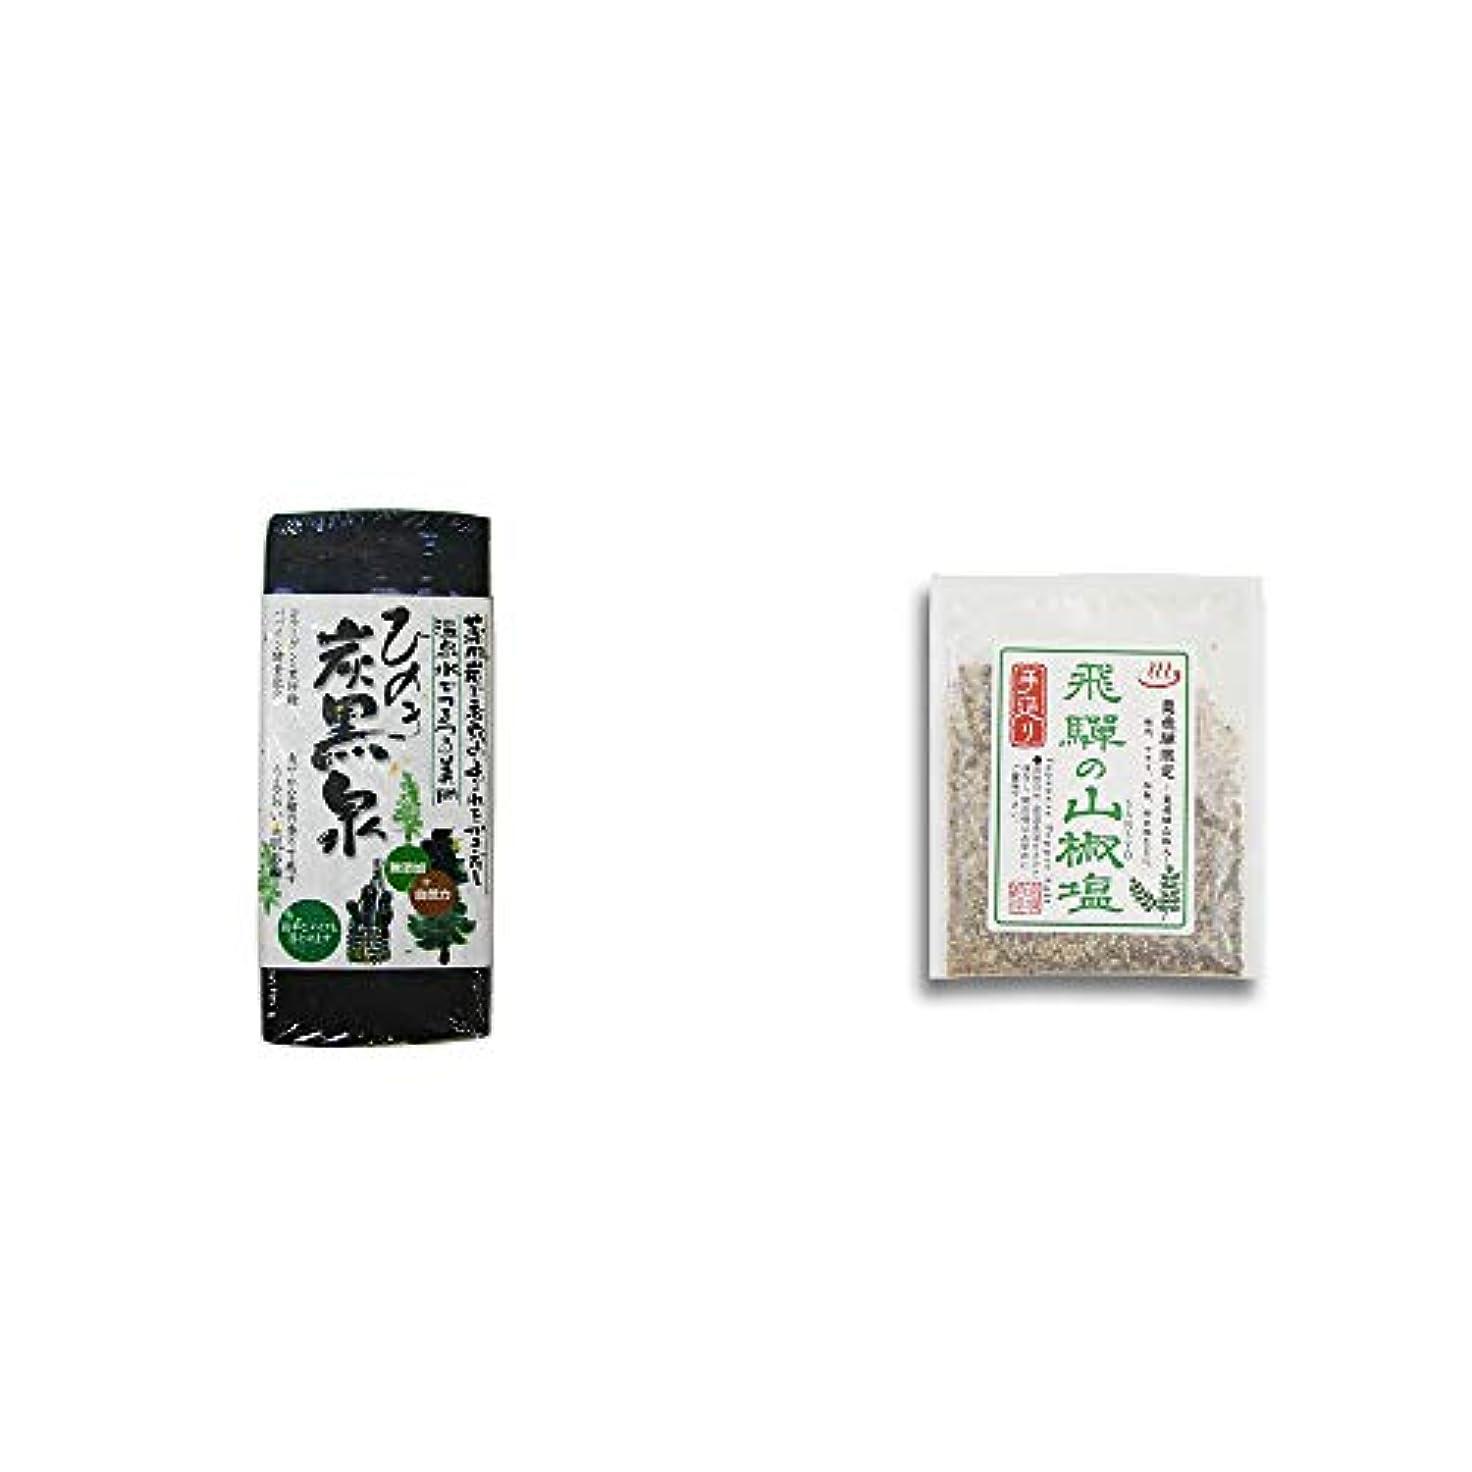 硬さ消化ボーカル[2点セット] ひのき炭黒泉(75g×2)?手造り 飛騨の山椒塩(40g)